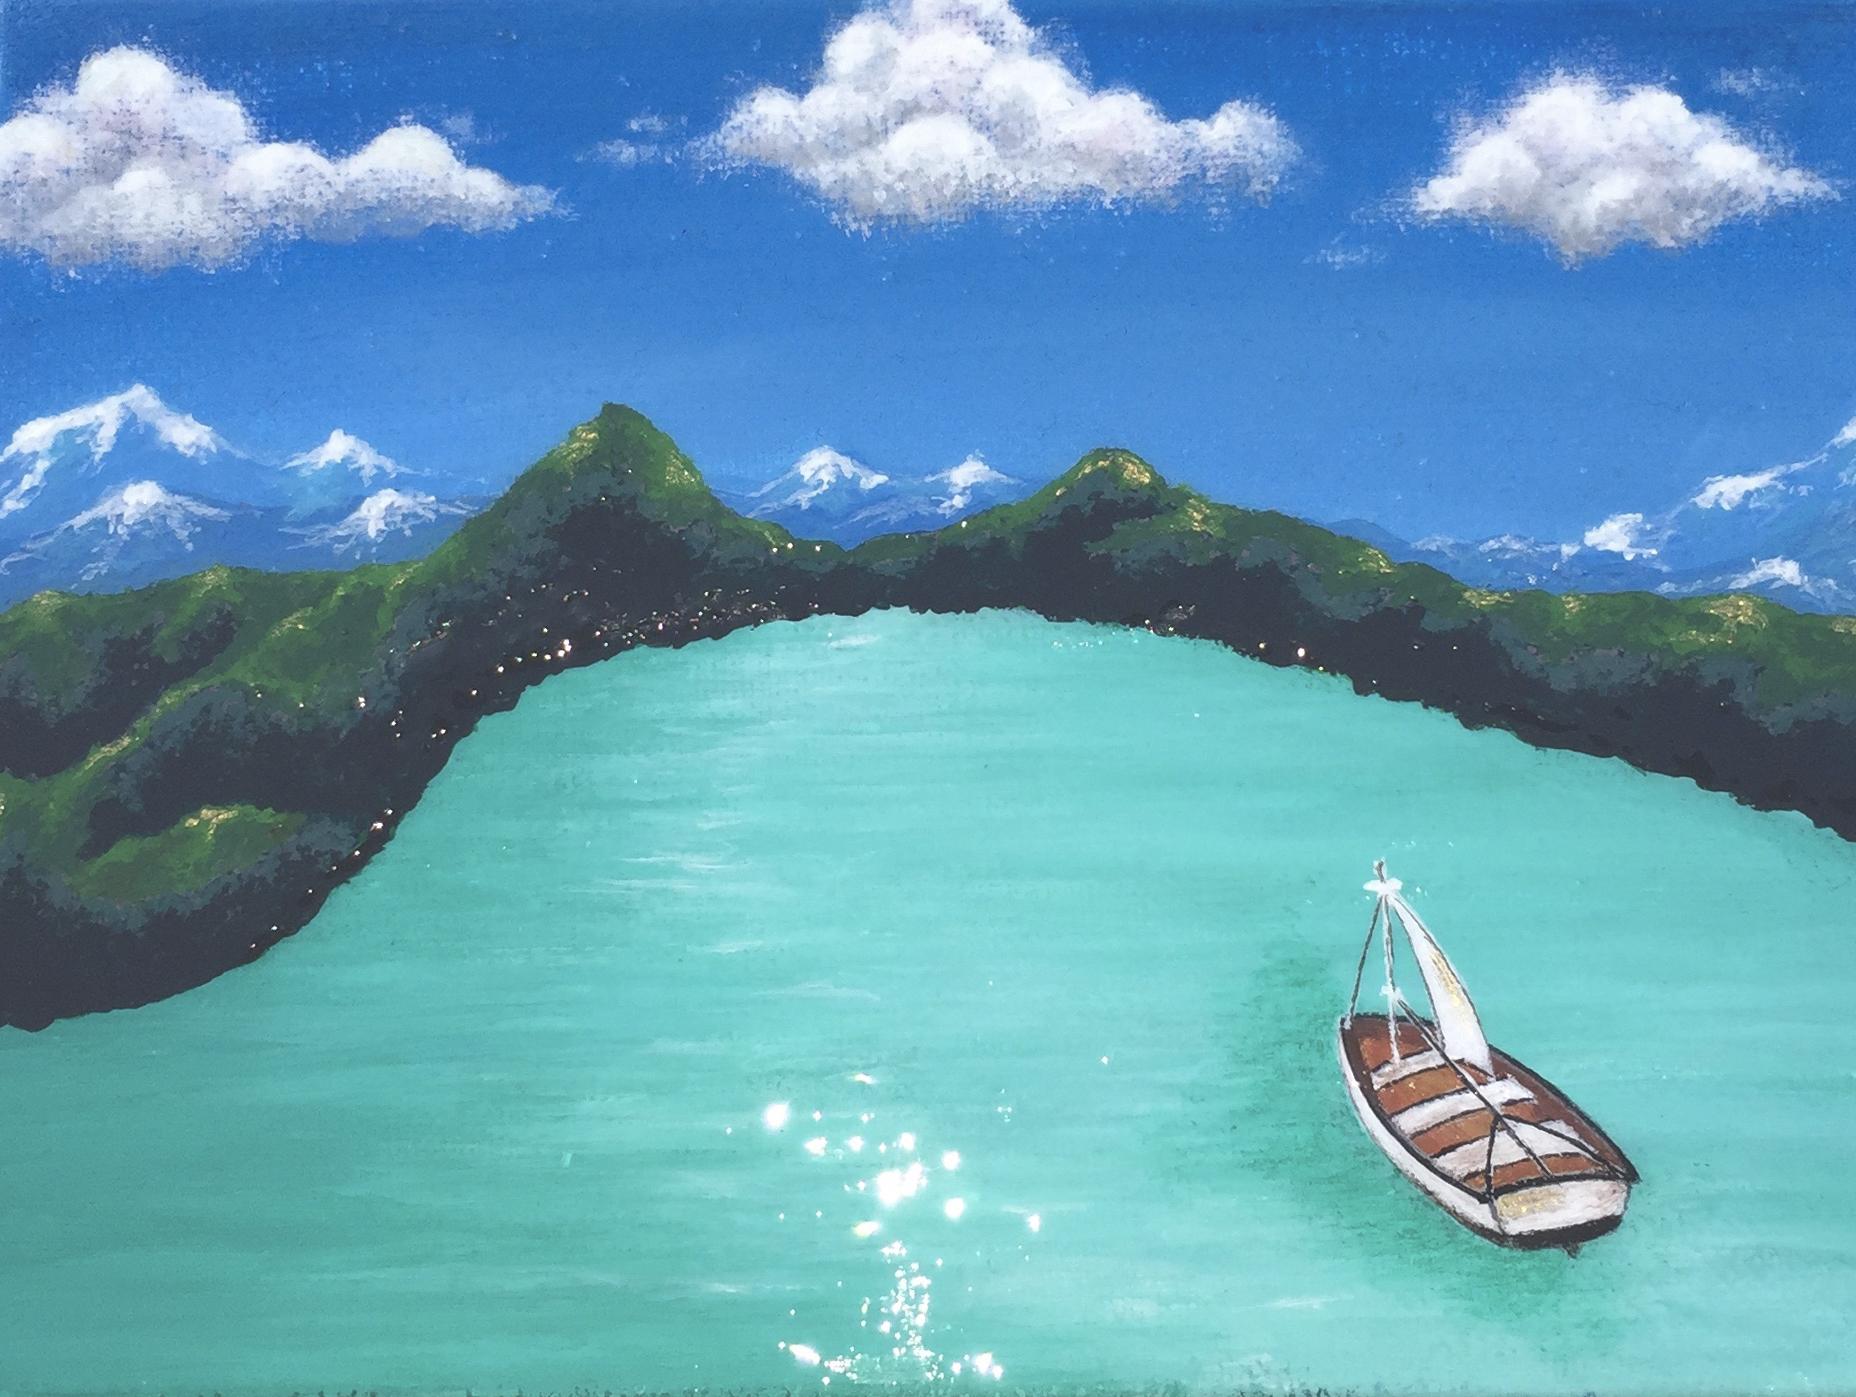 Sangeeta Singh-Kurtz, Blanca Lake, oil on canvas